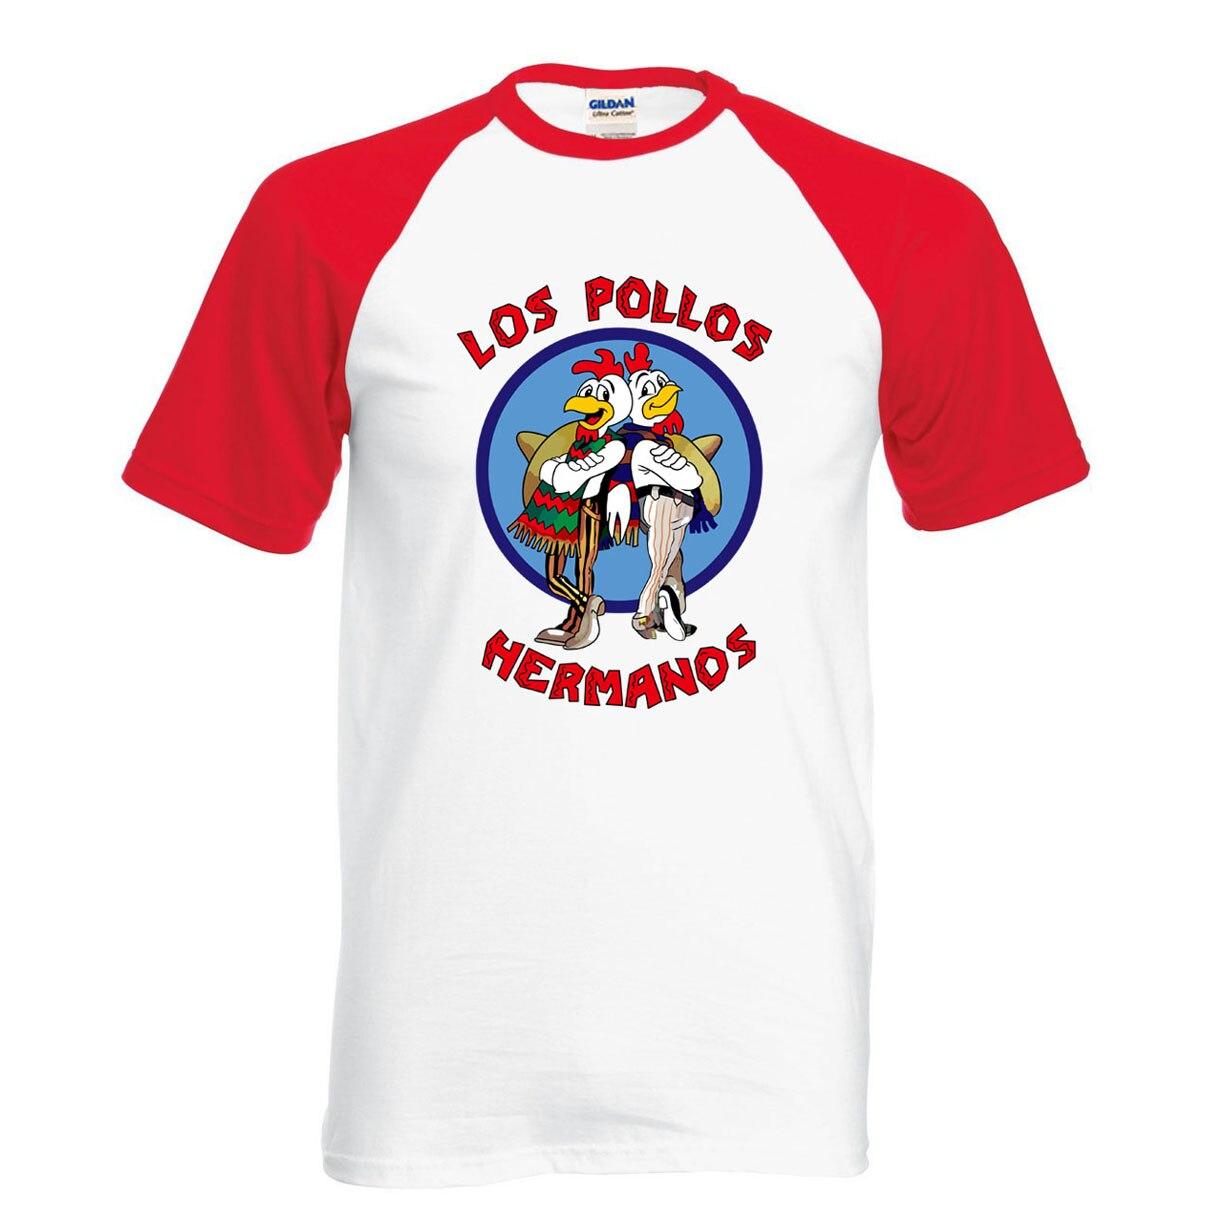 """Romper camiseta Bad """"LOS POLLOS Hermanos"""" T camisa LOS POLLOS Hermanos 2019 gran oferta verano 100% Camiseta de manga raglán de moda de algodón para LOS fans"""